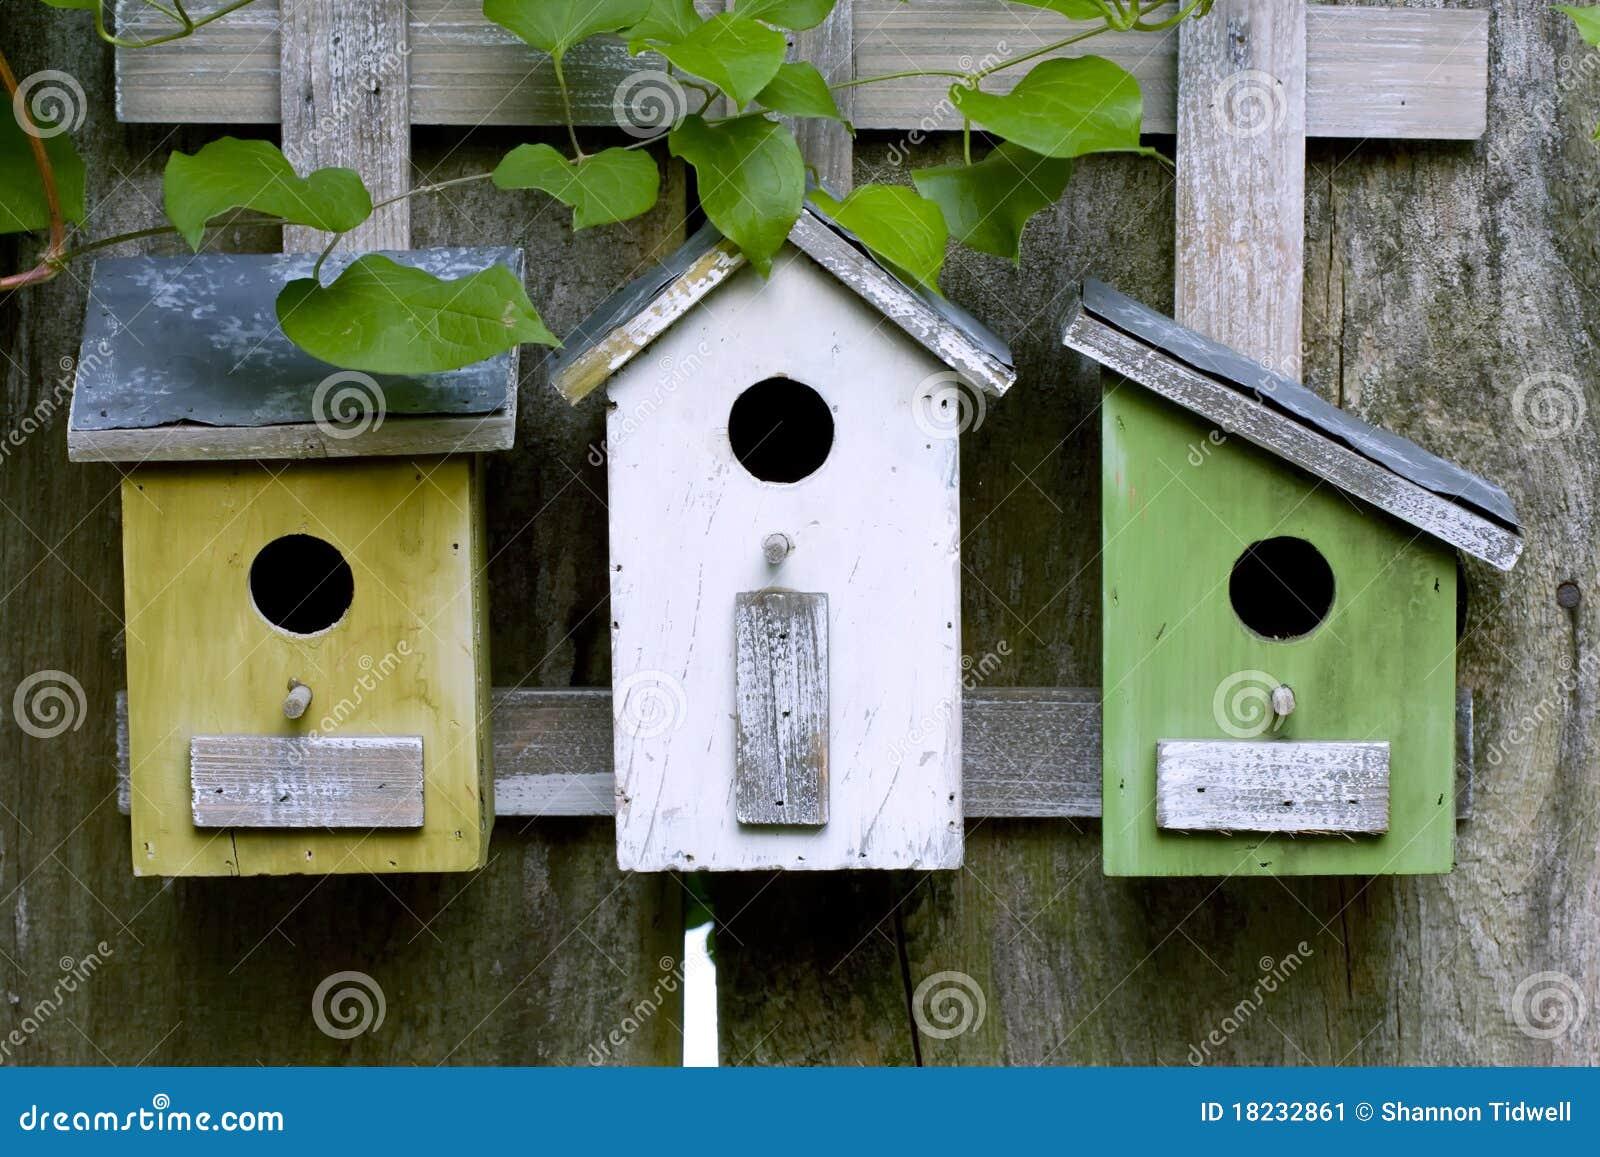 Three Wooden Birdhouses Stock Image Image 18232861